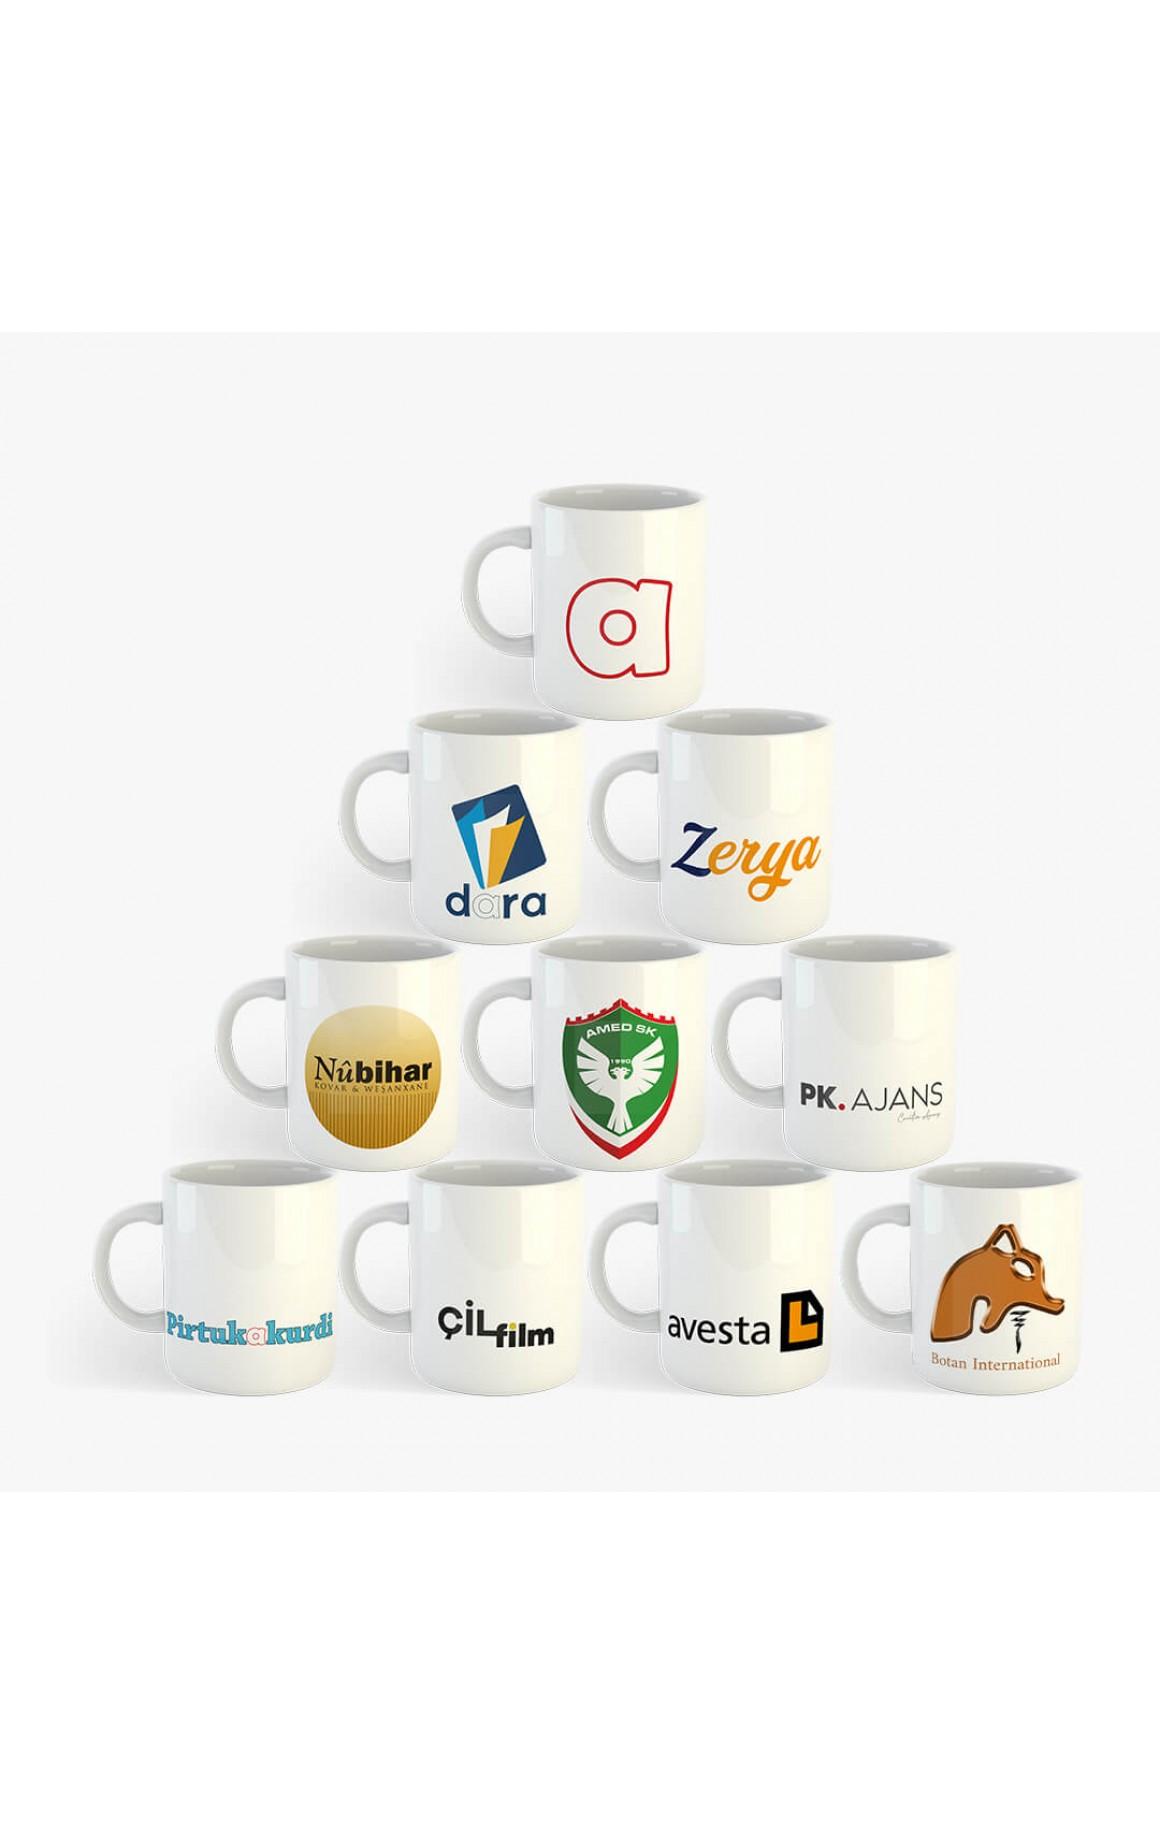 Firmalara Özel Toptan Baskılı Porselen Kupa Bardak (1000 adet)